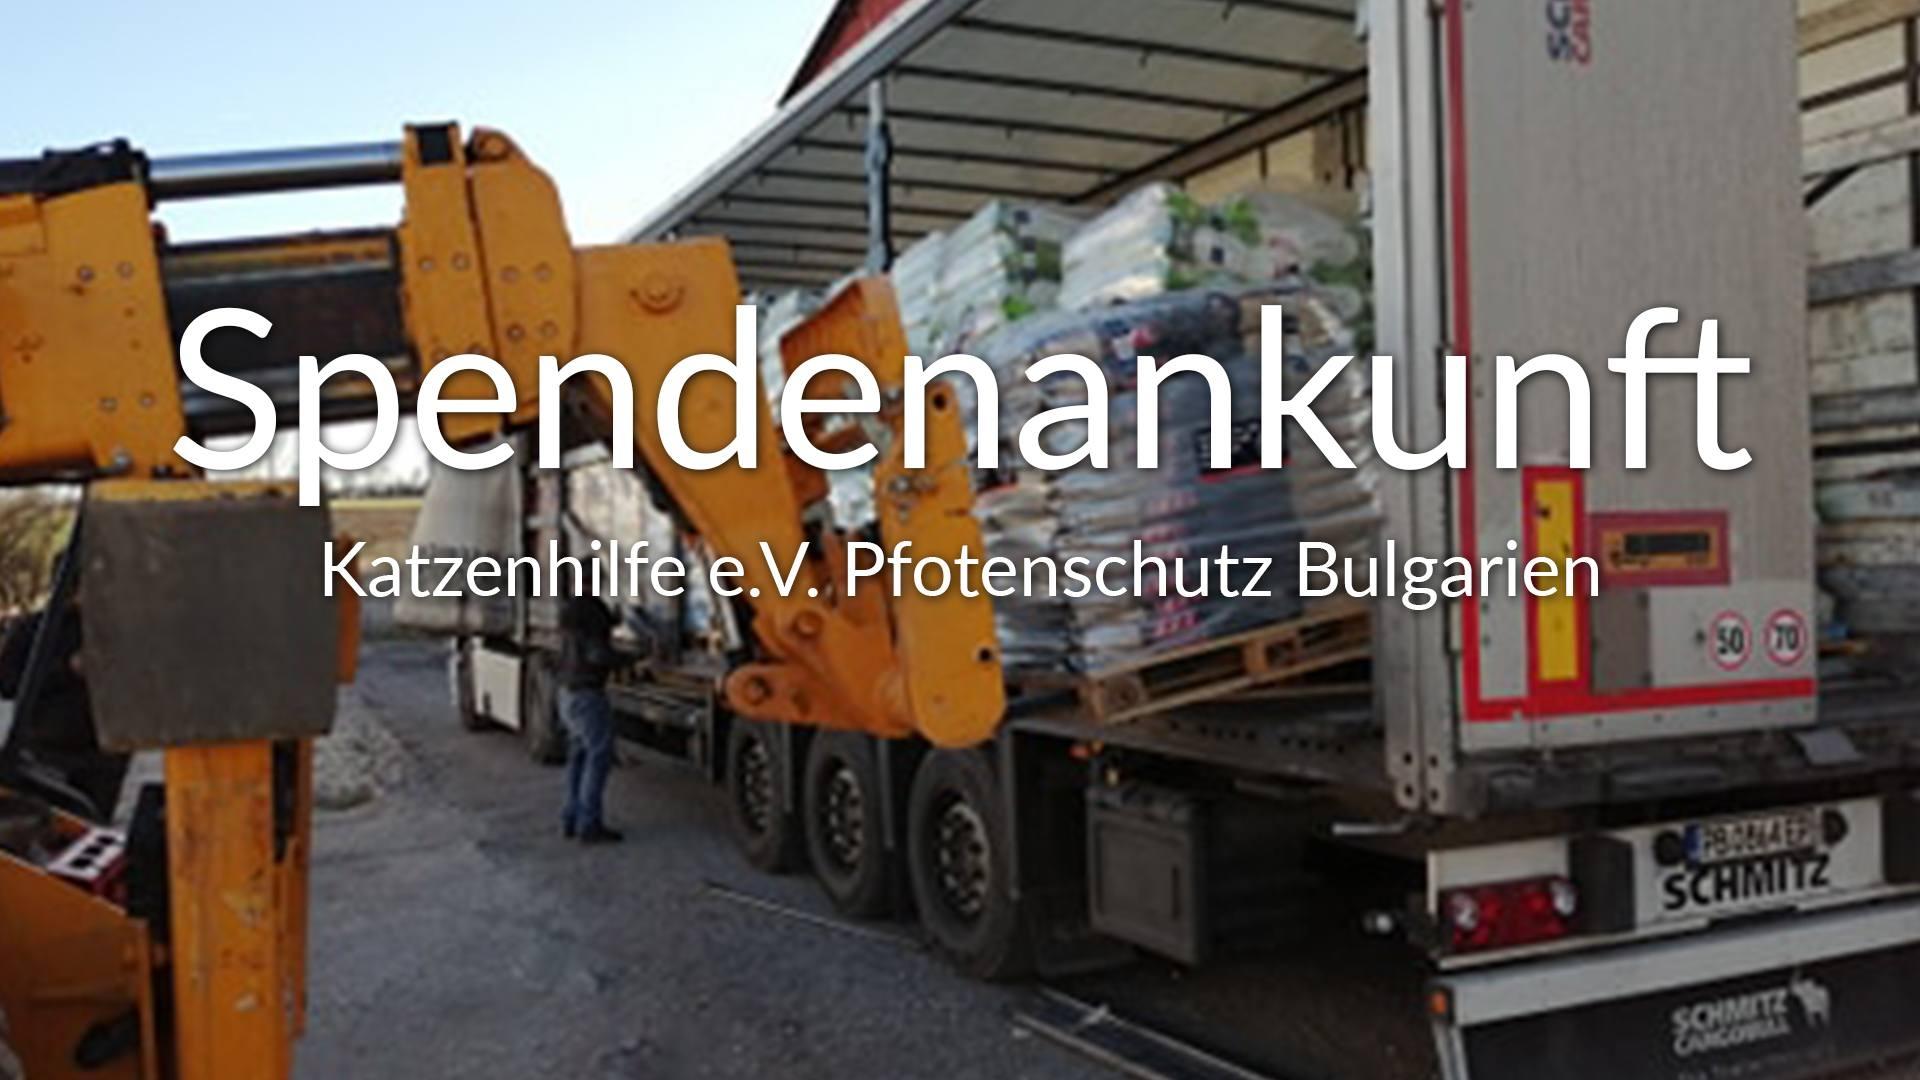 Katzenhilfe e.V. Pfotenschutz Bulgarien SM2019